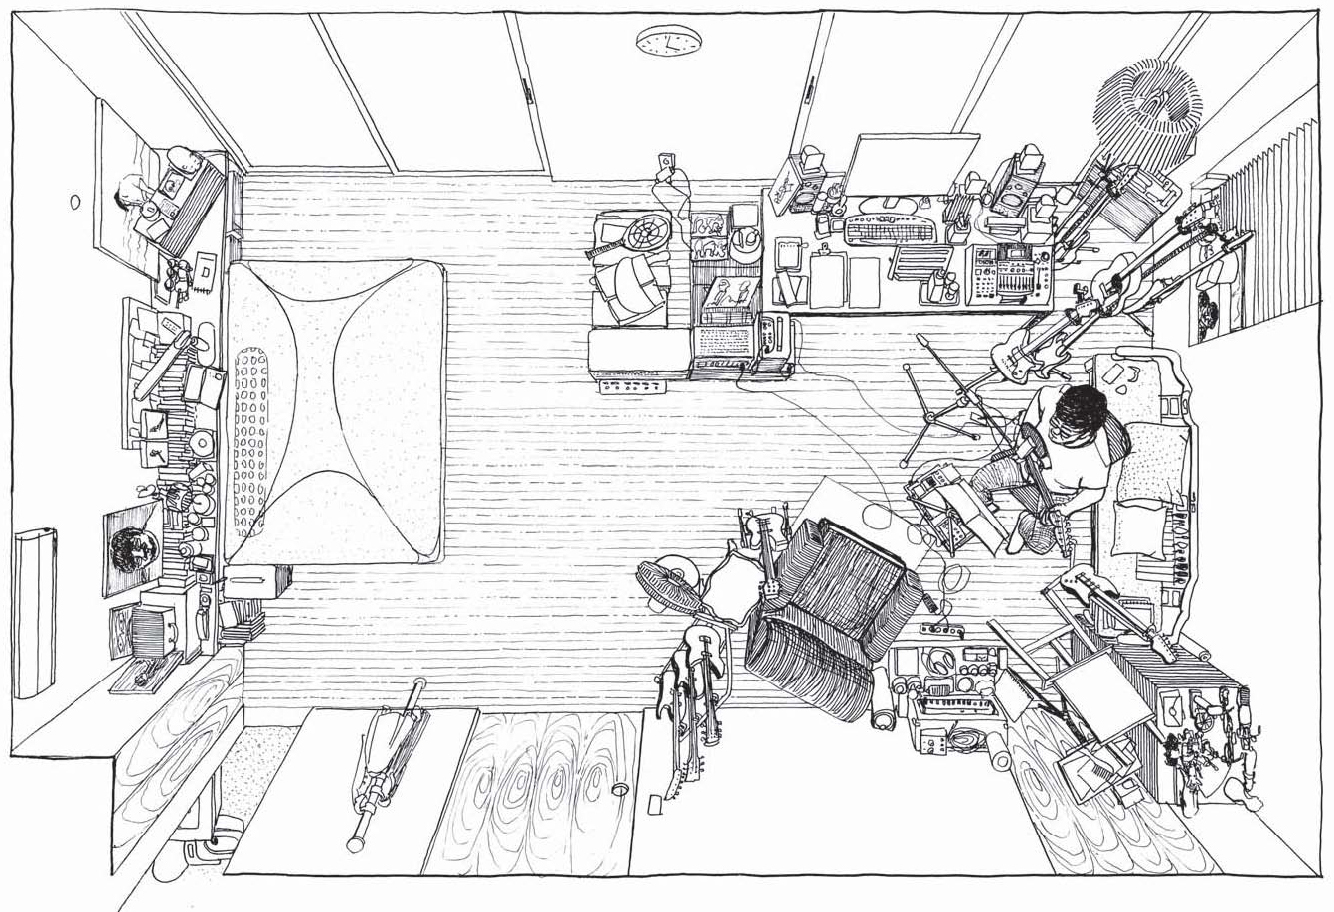 몸을 간신히 누일 만한 작은 침대 외에는 온통 기타와 음악 작업을 위한 설비로 꽉 찬 김창완씨의 방. 그는 이곳을 일러 '크레파스 같은 모순의 방'이라 했다. 작은 그림은 익살스러운 연필꽂이. 안충기 기자·화가